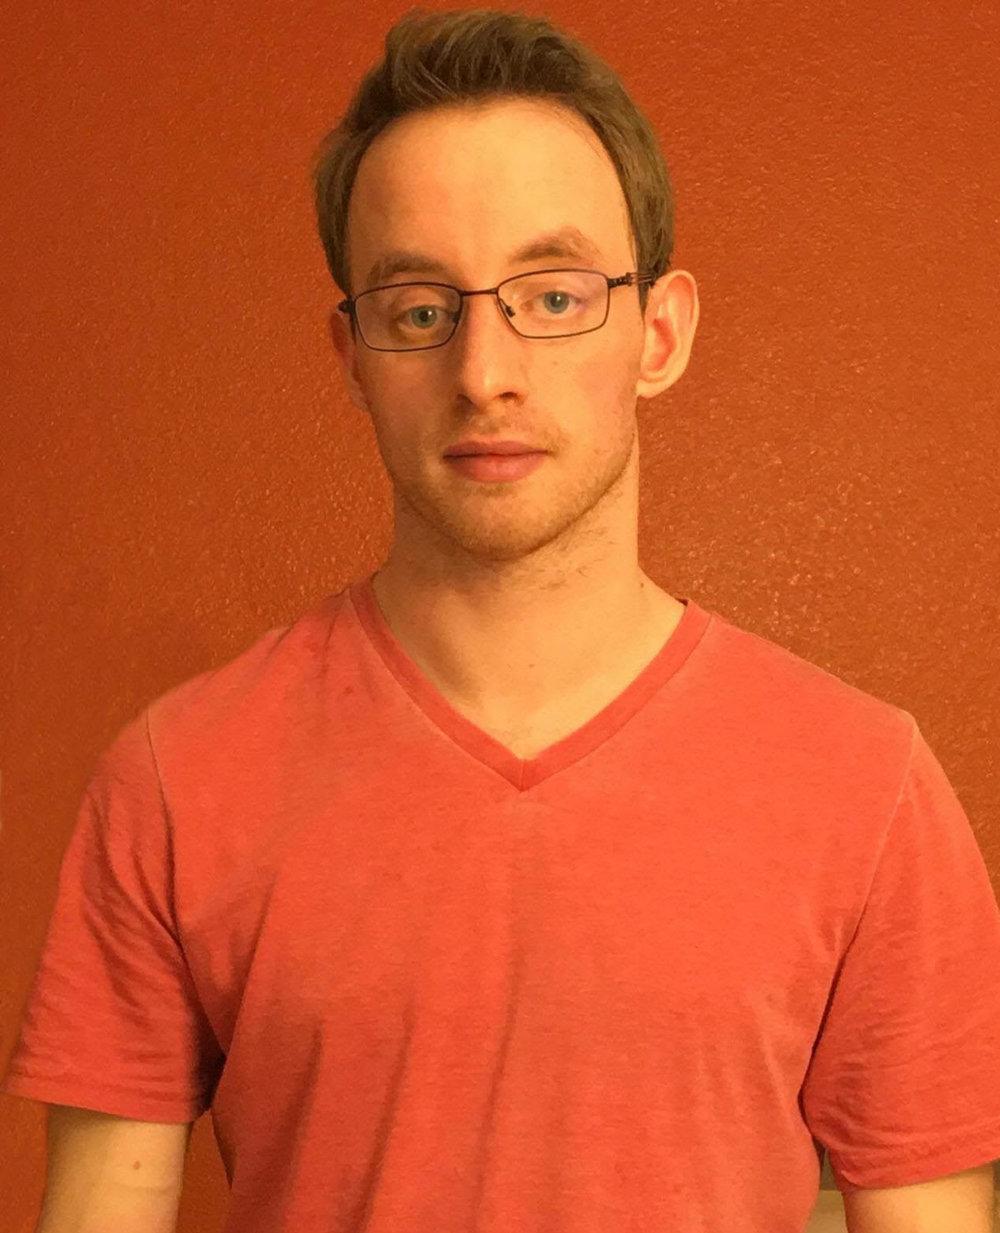 Aaron James Krause